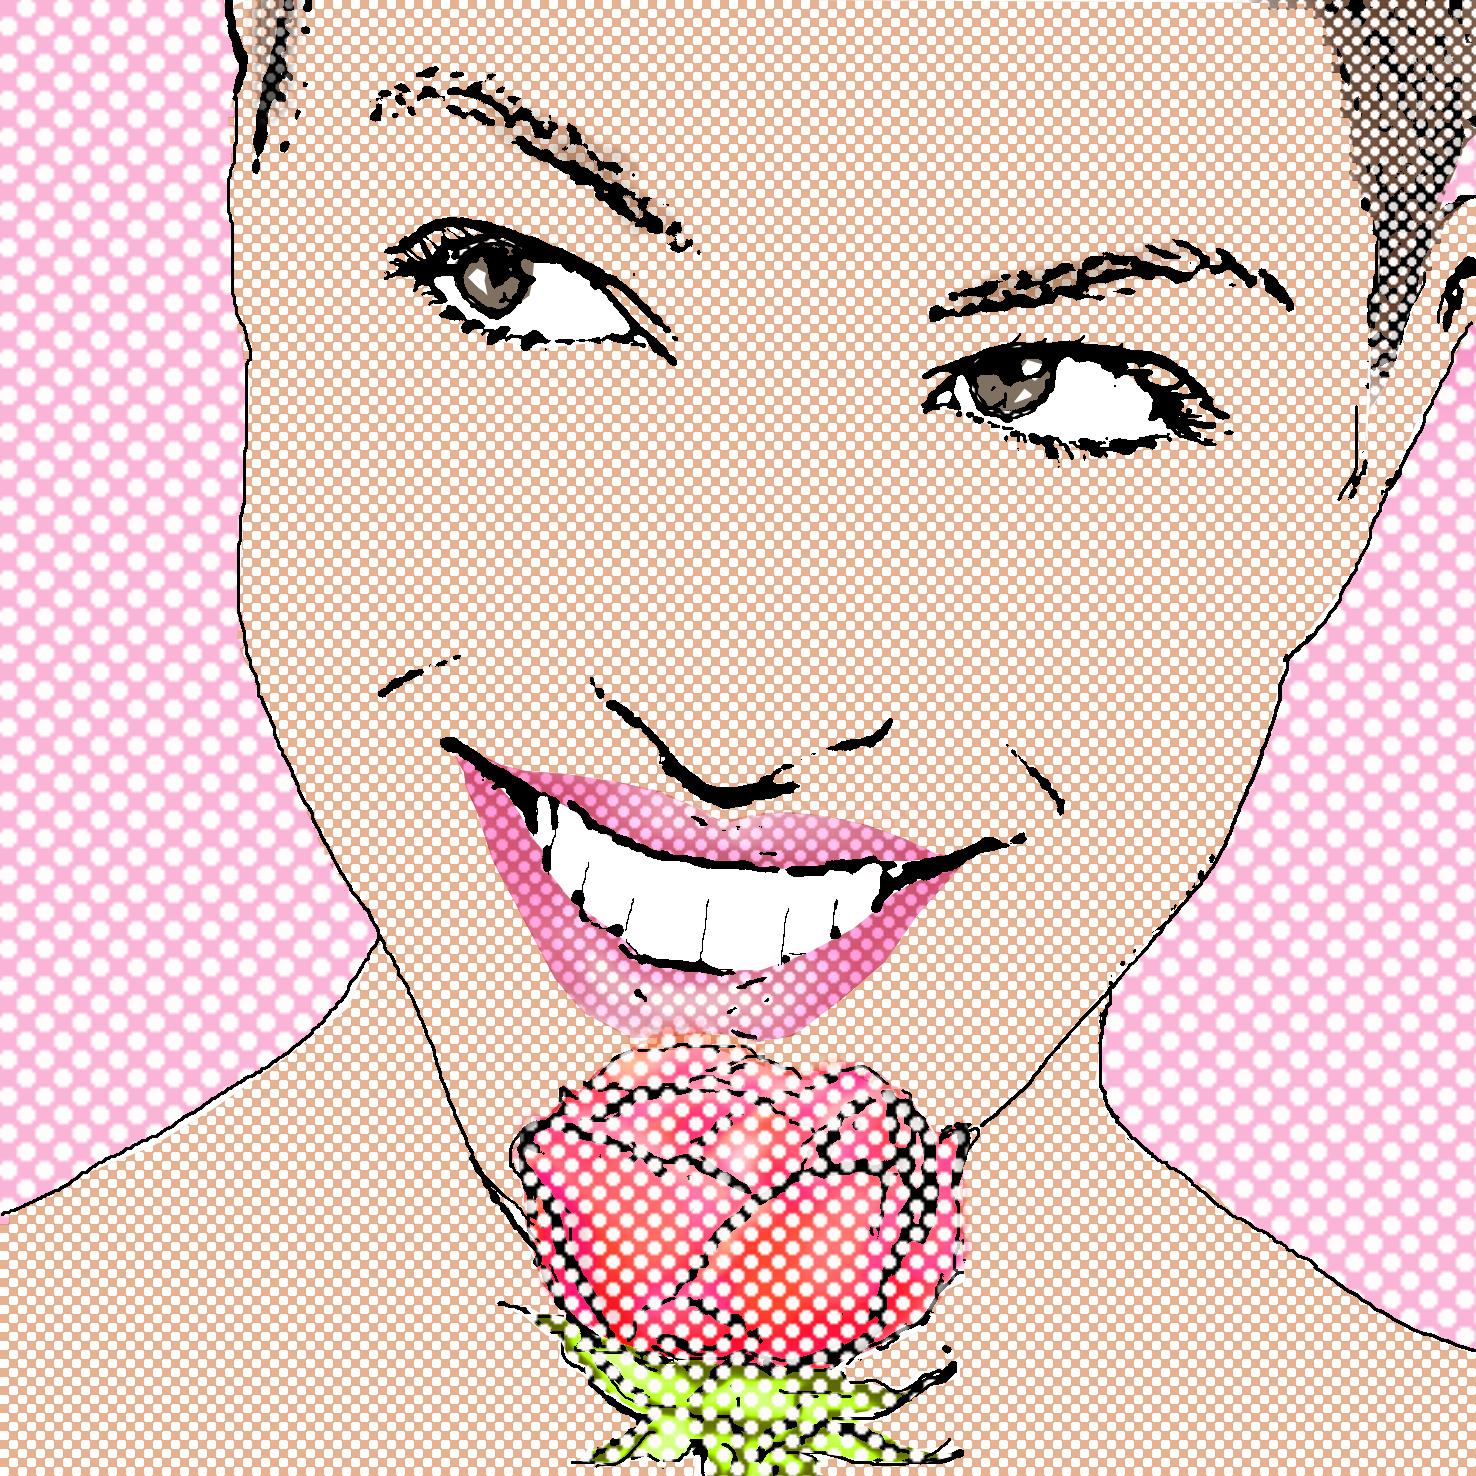 06.девушка с розой2.jpg